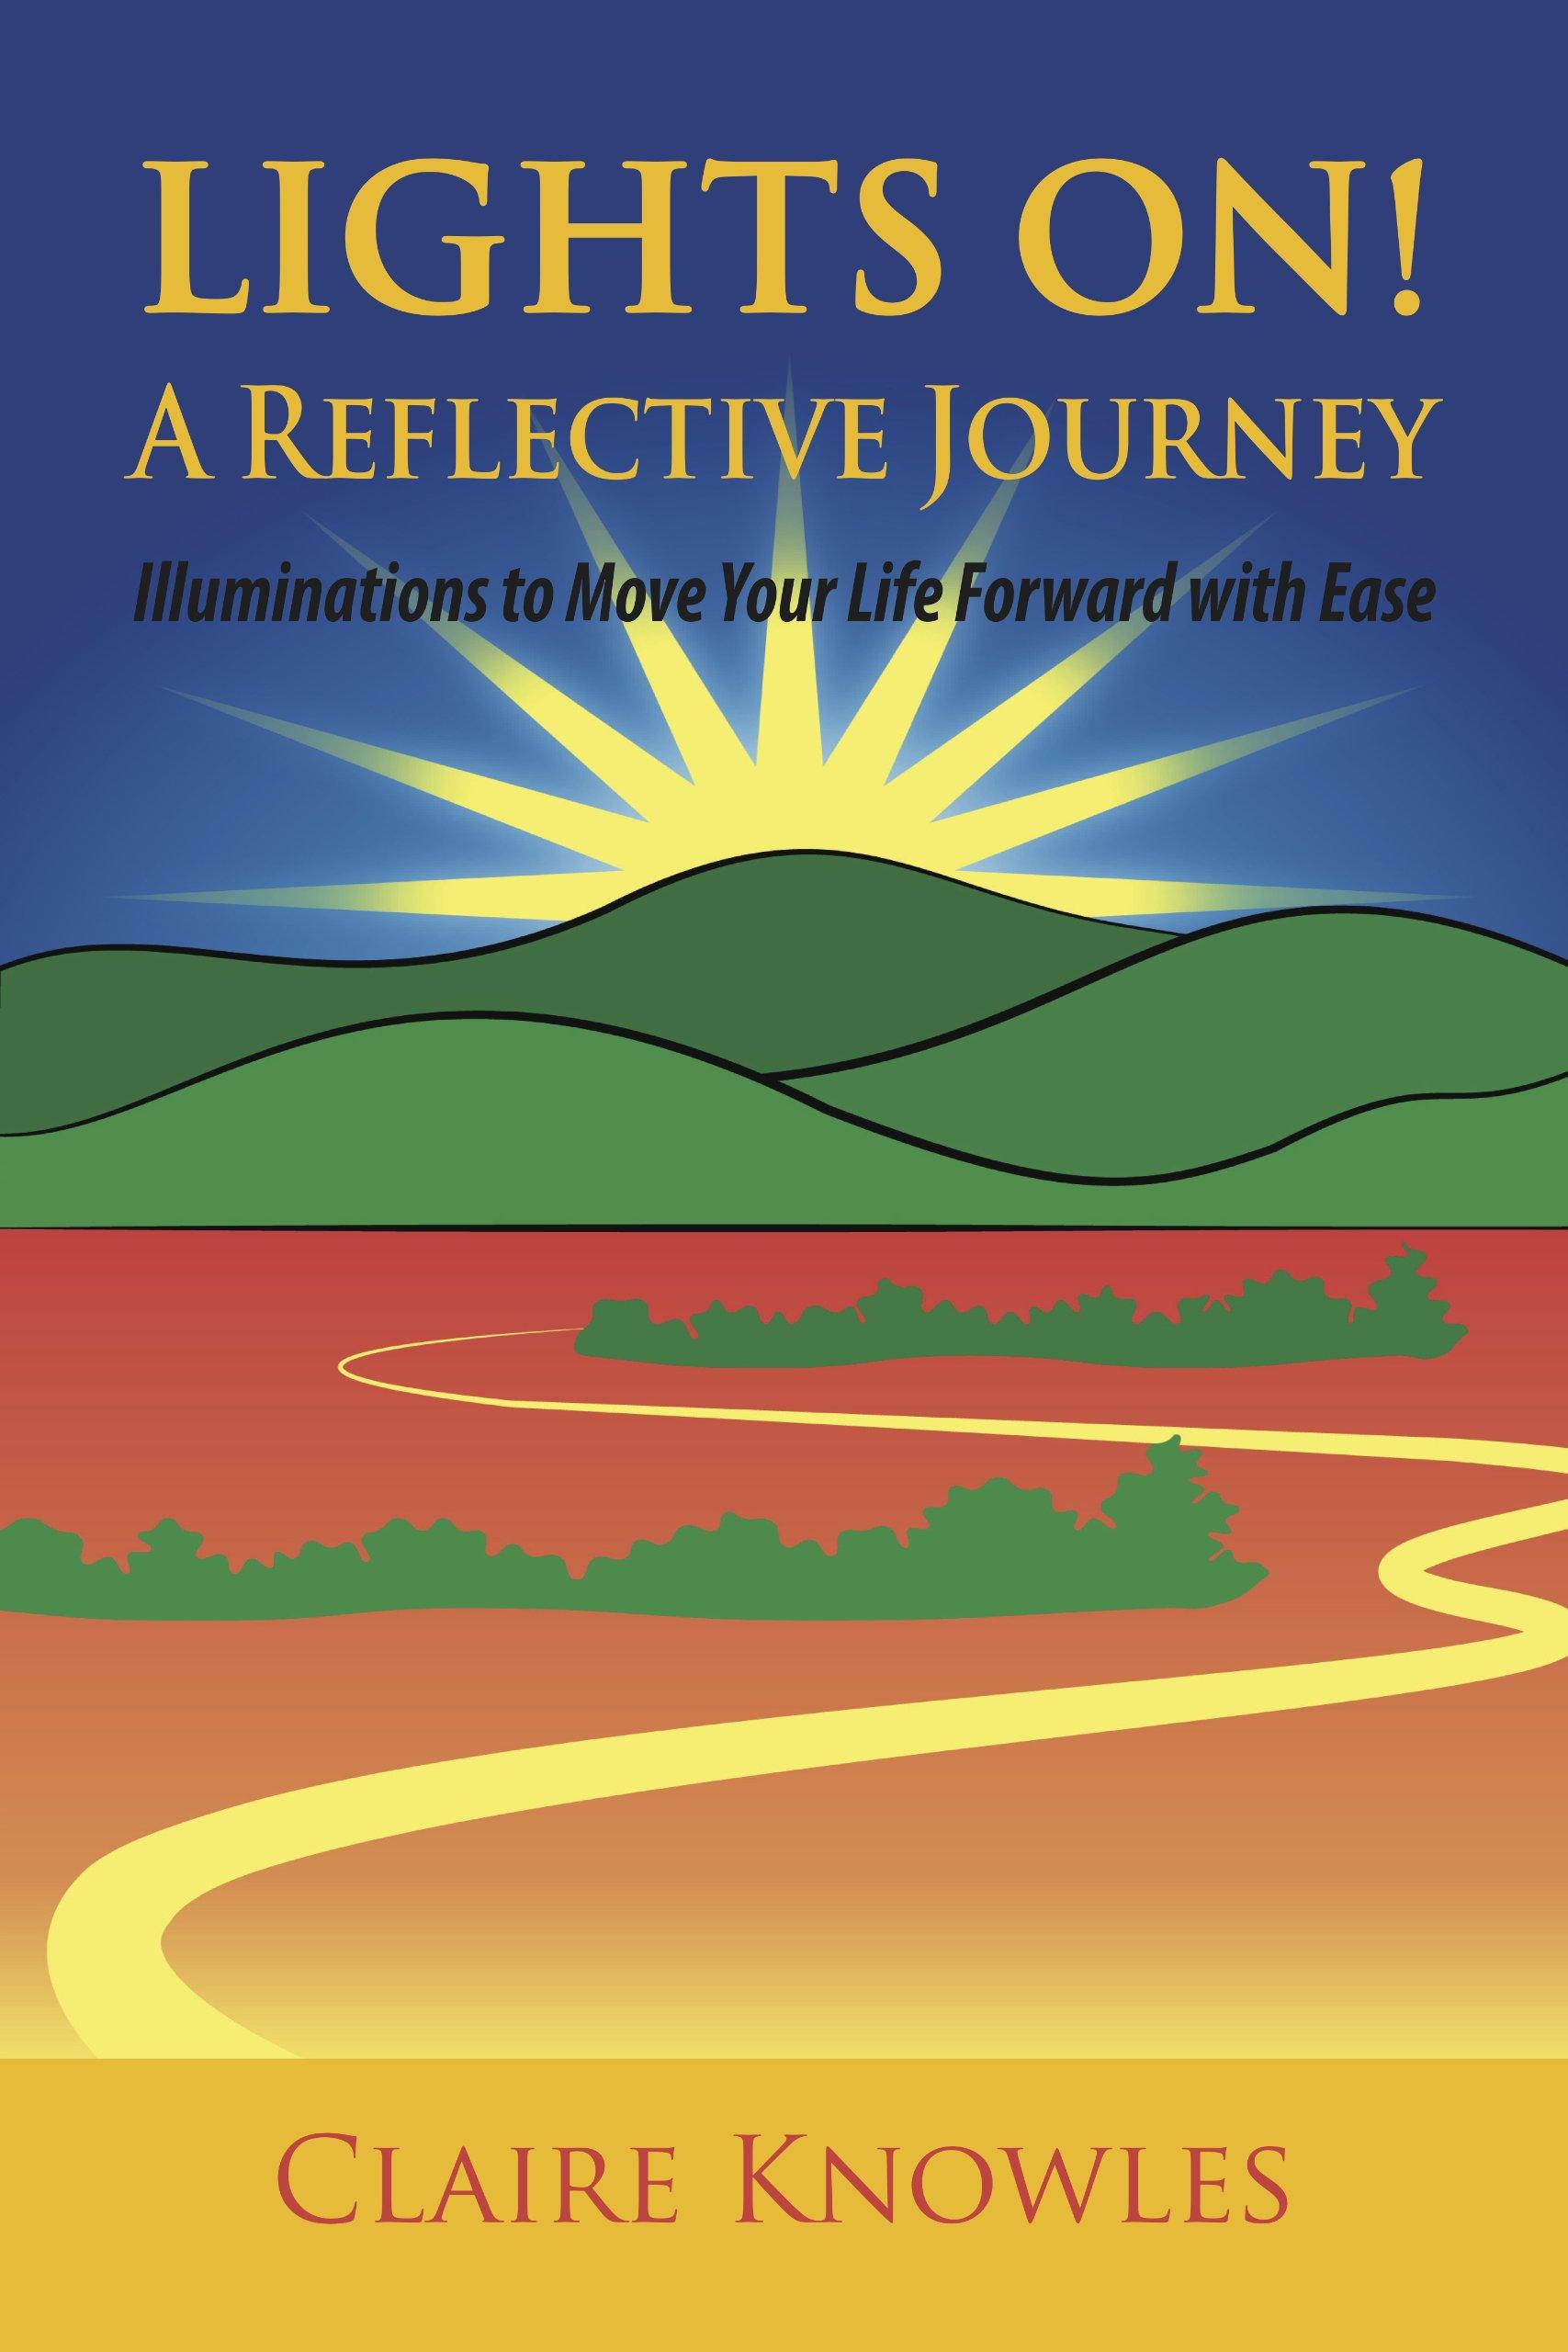 Lights On! A Reflective Journey